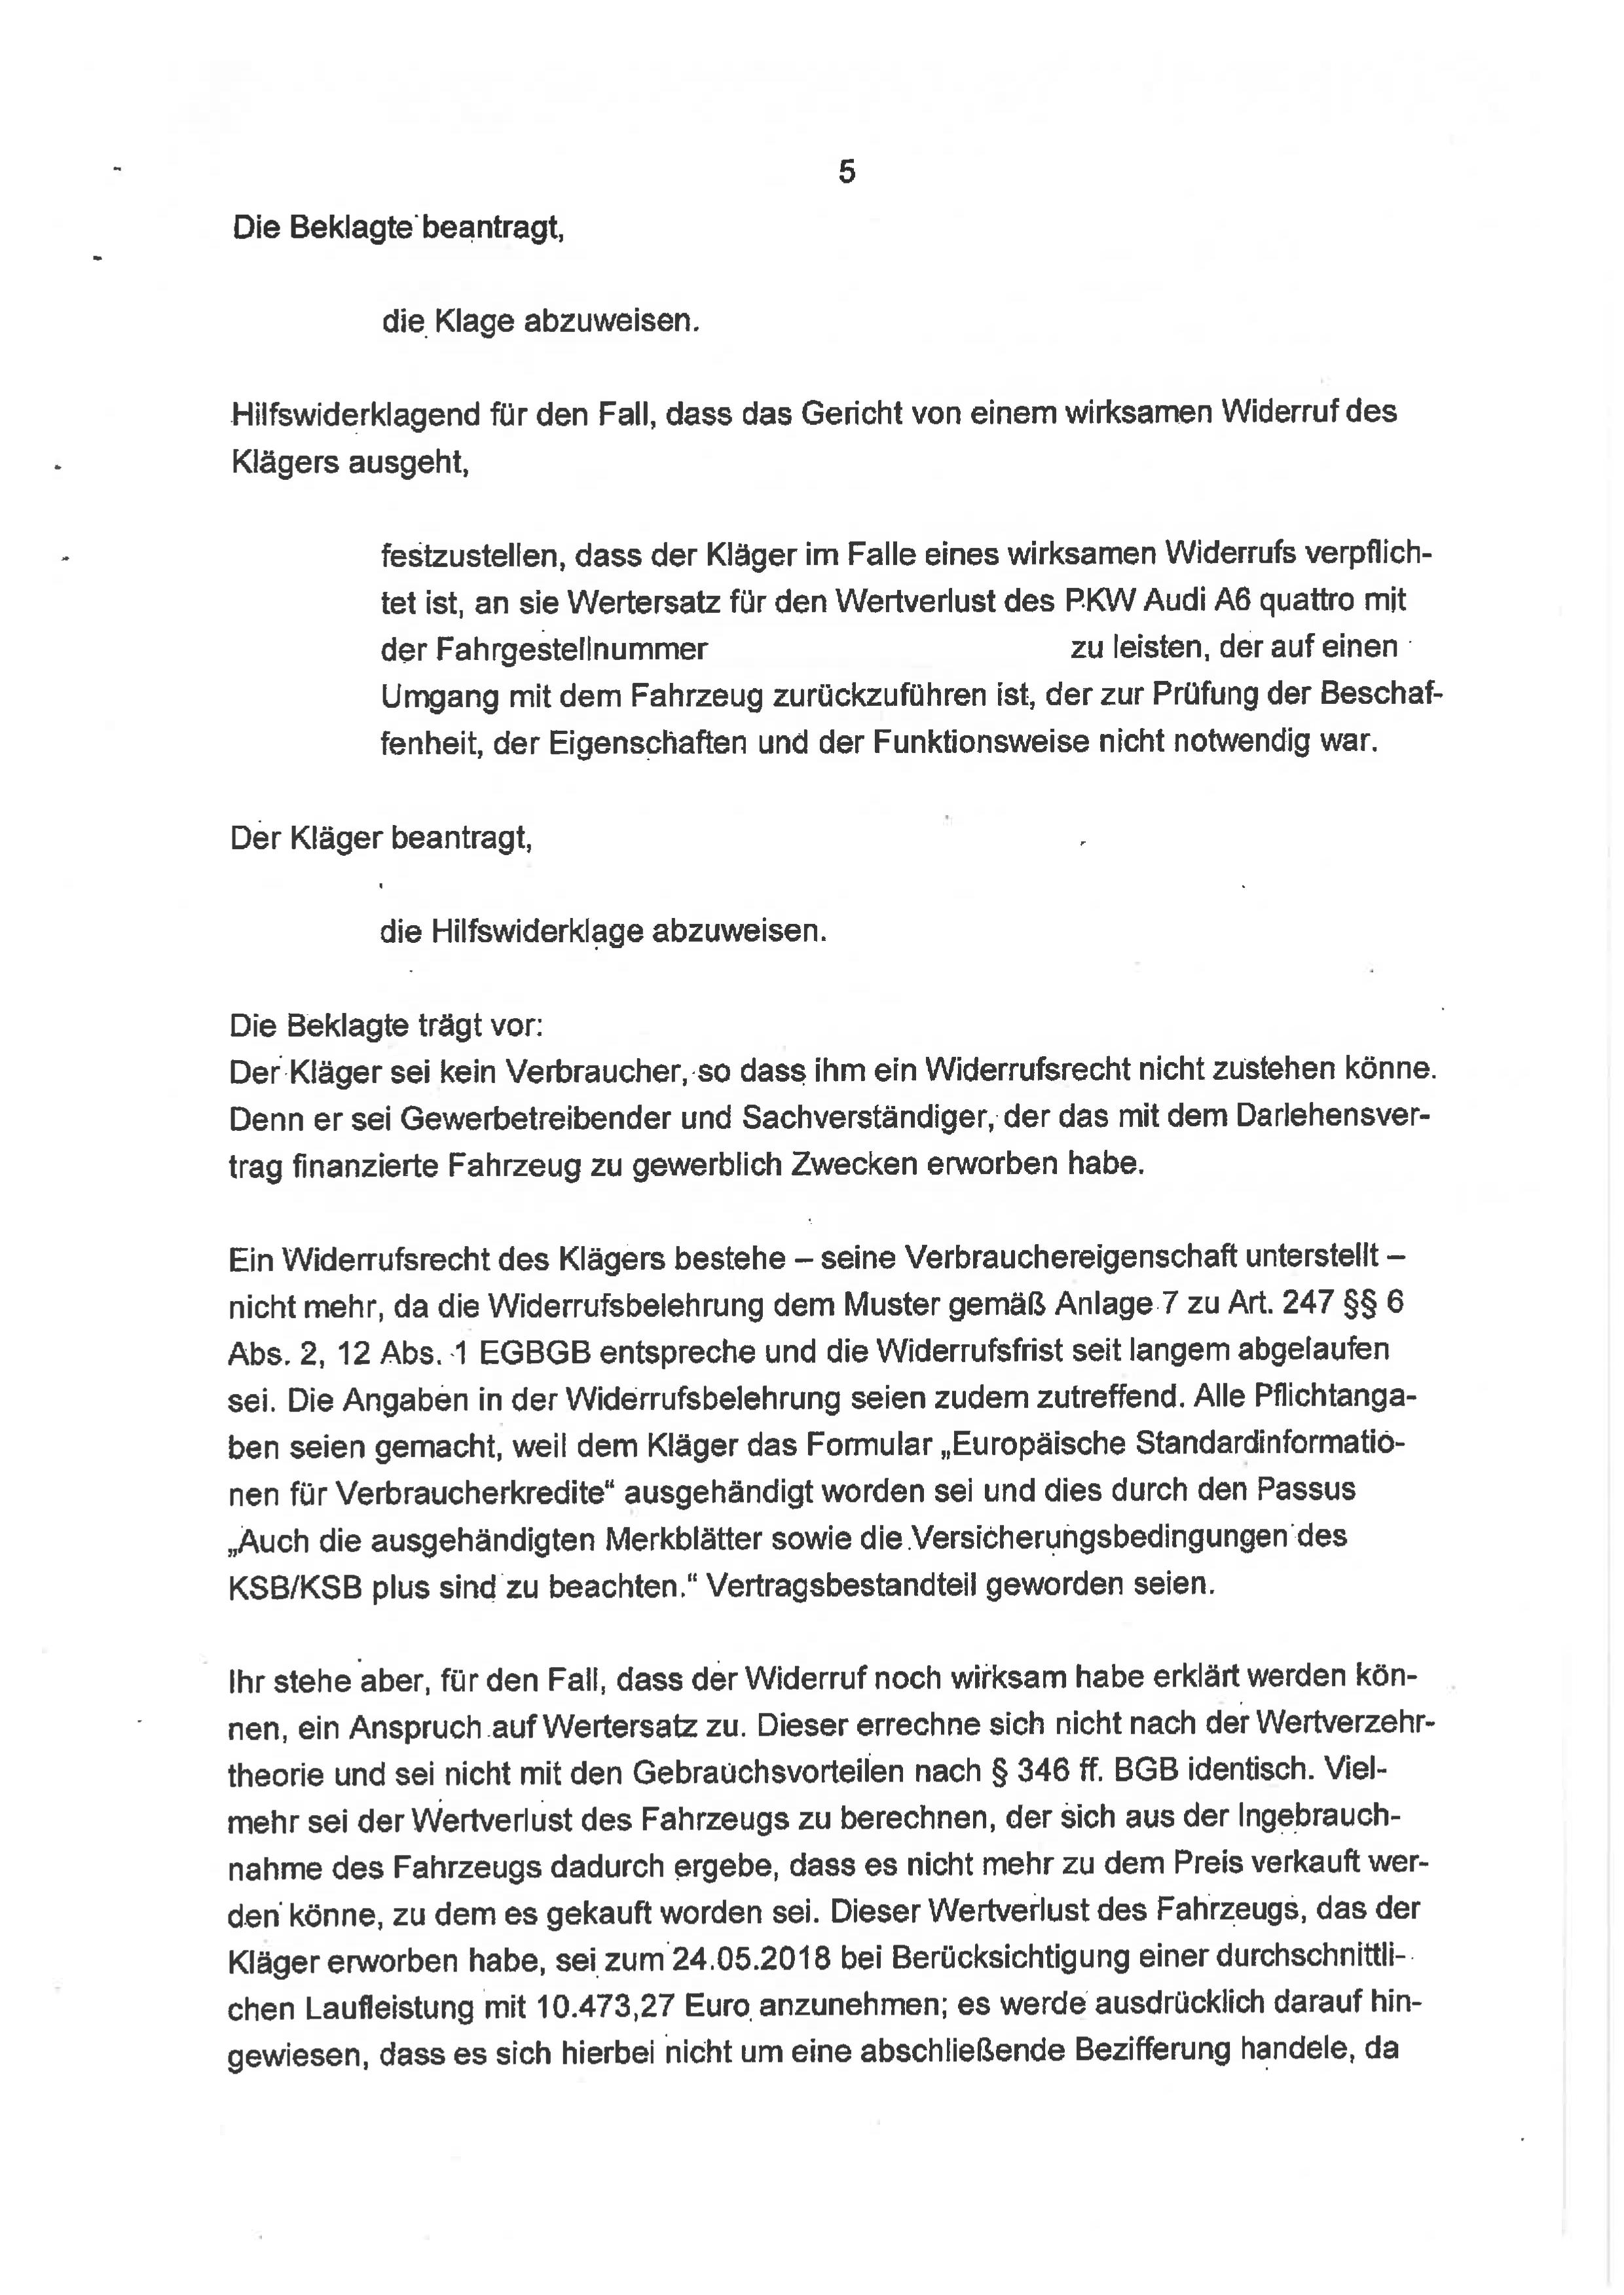 Seite 5 des Urteils 4 O 46/18 zum Widerruf Autokredit